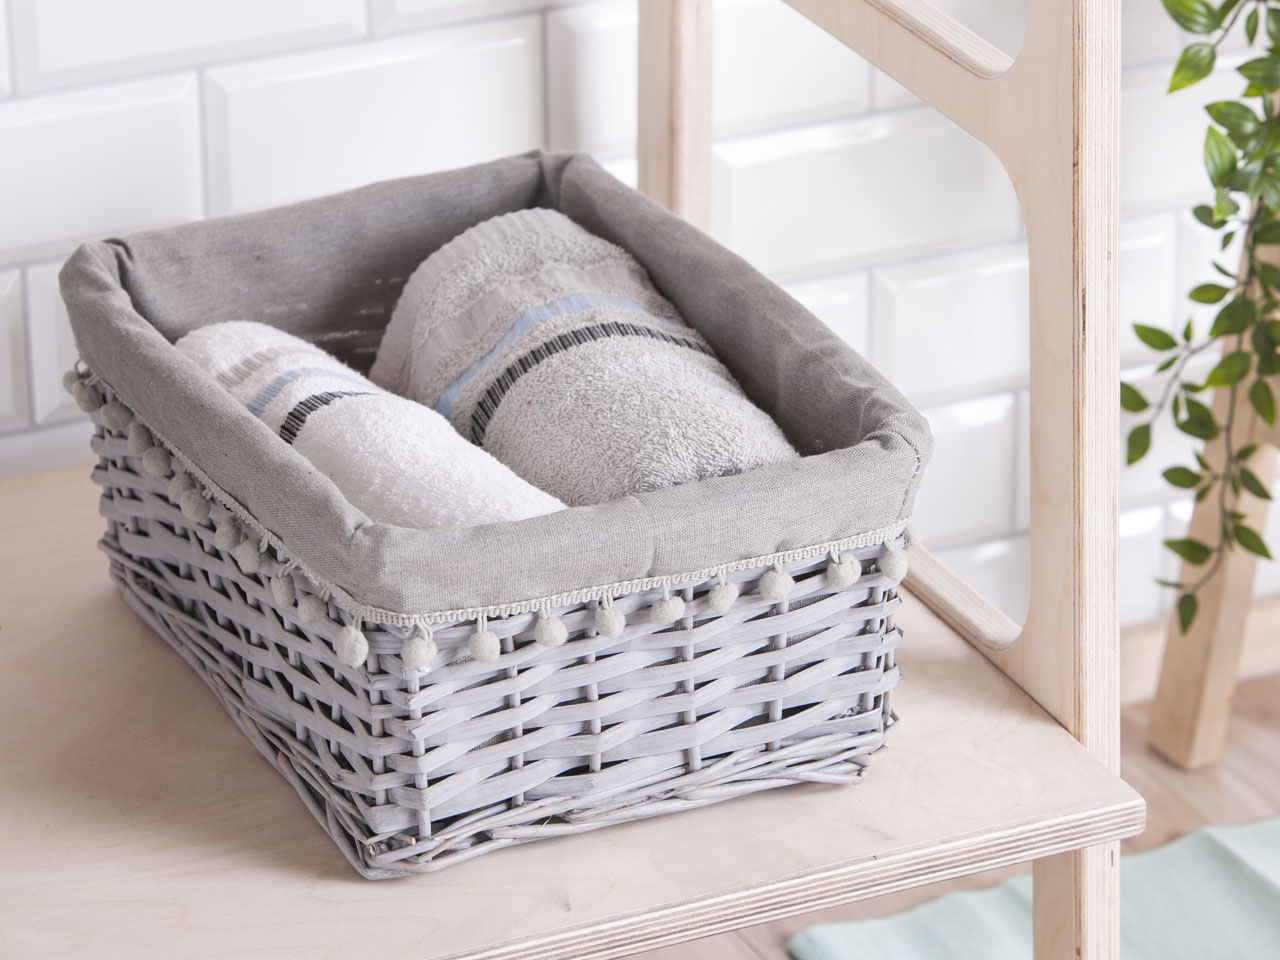 Koszyk do przechowywania wiklinowy materiałowa wyściółka z pomponami Altom Design szary 36x27x16 cm